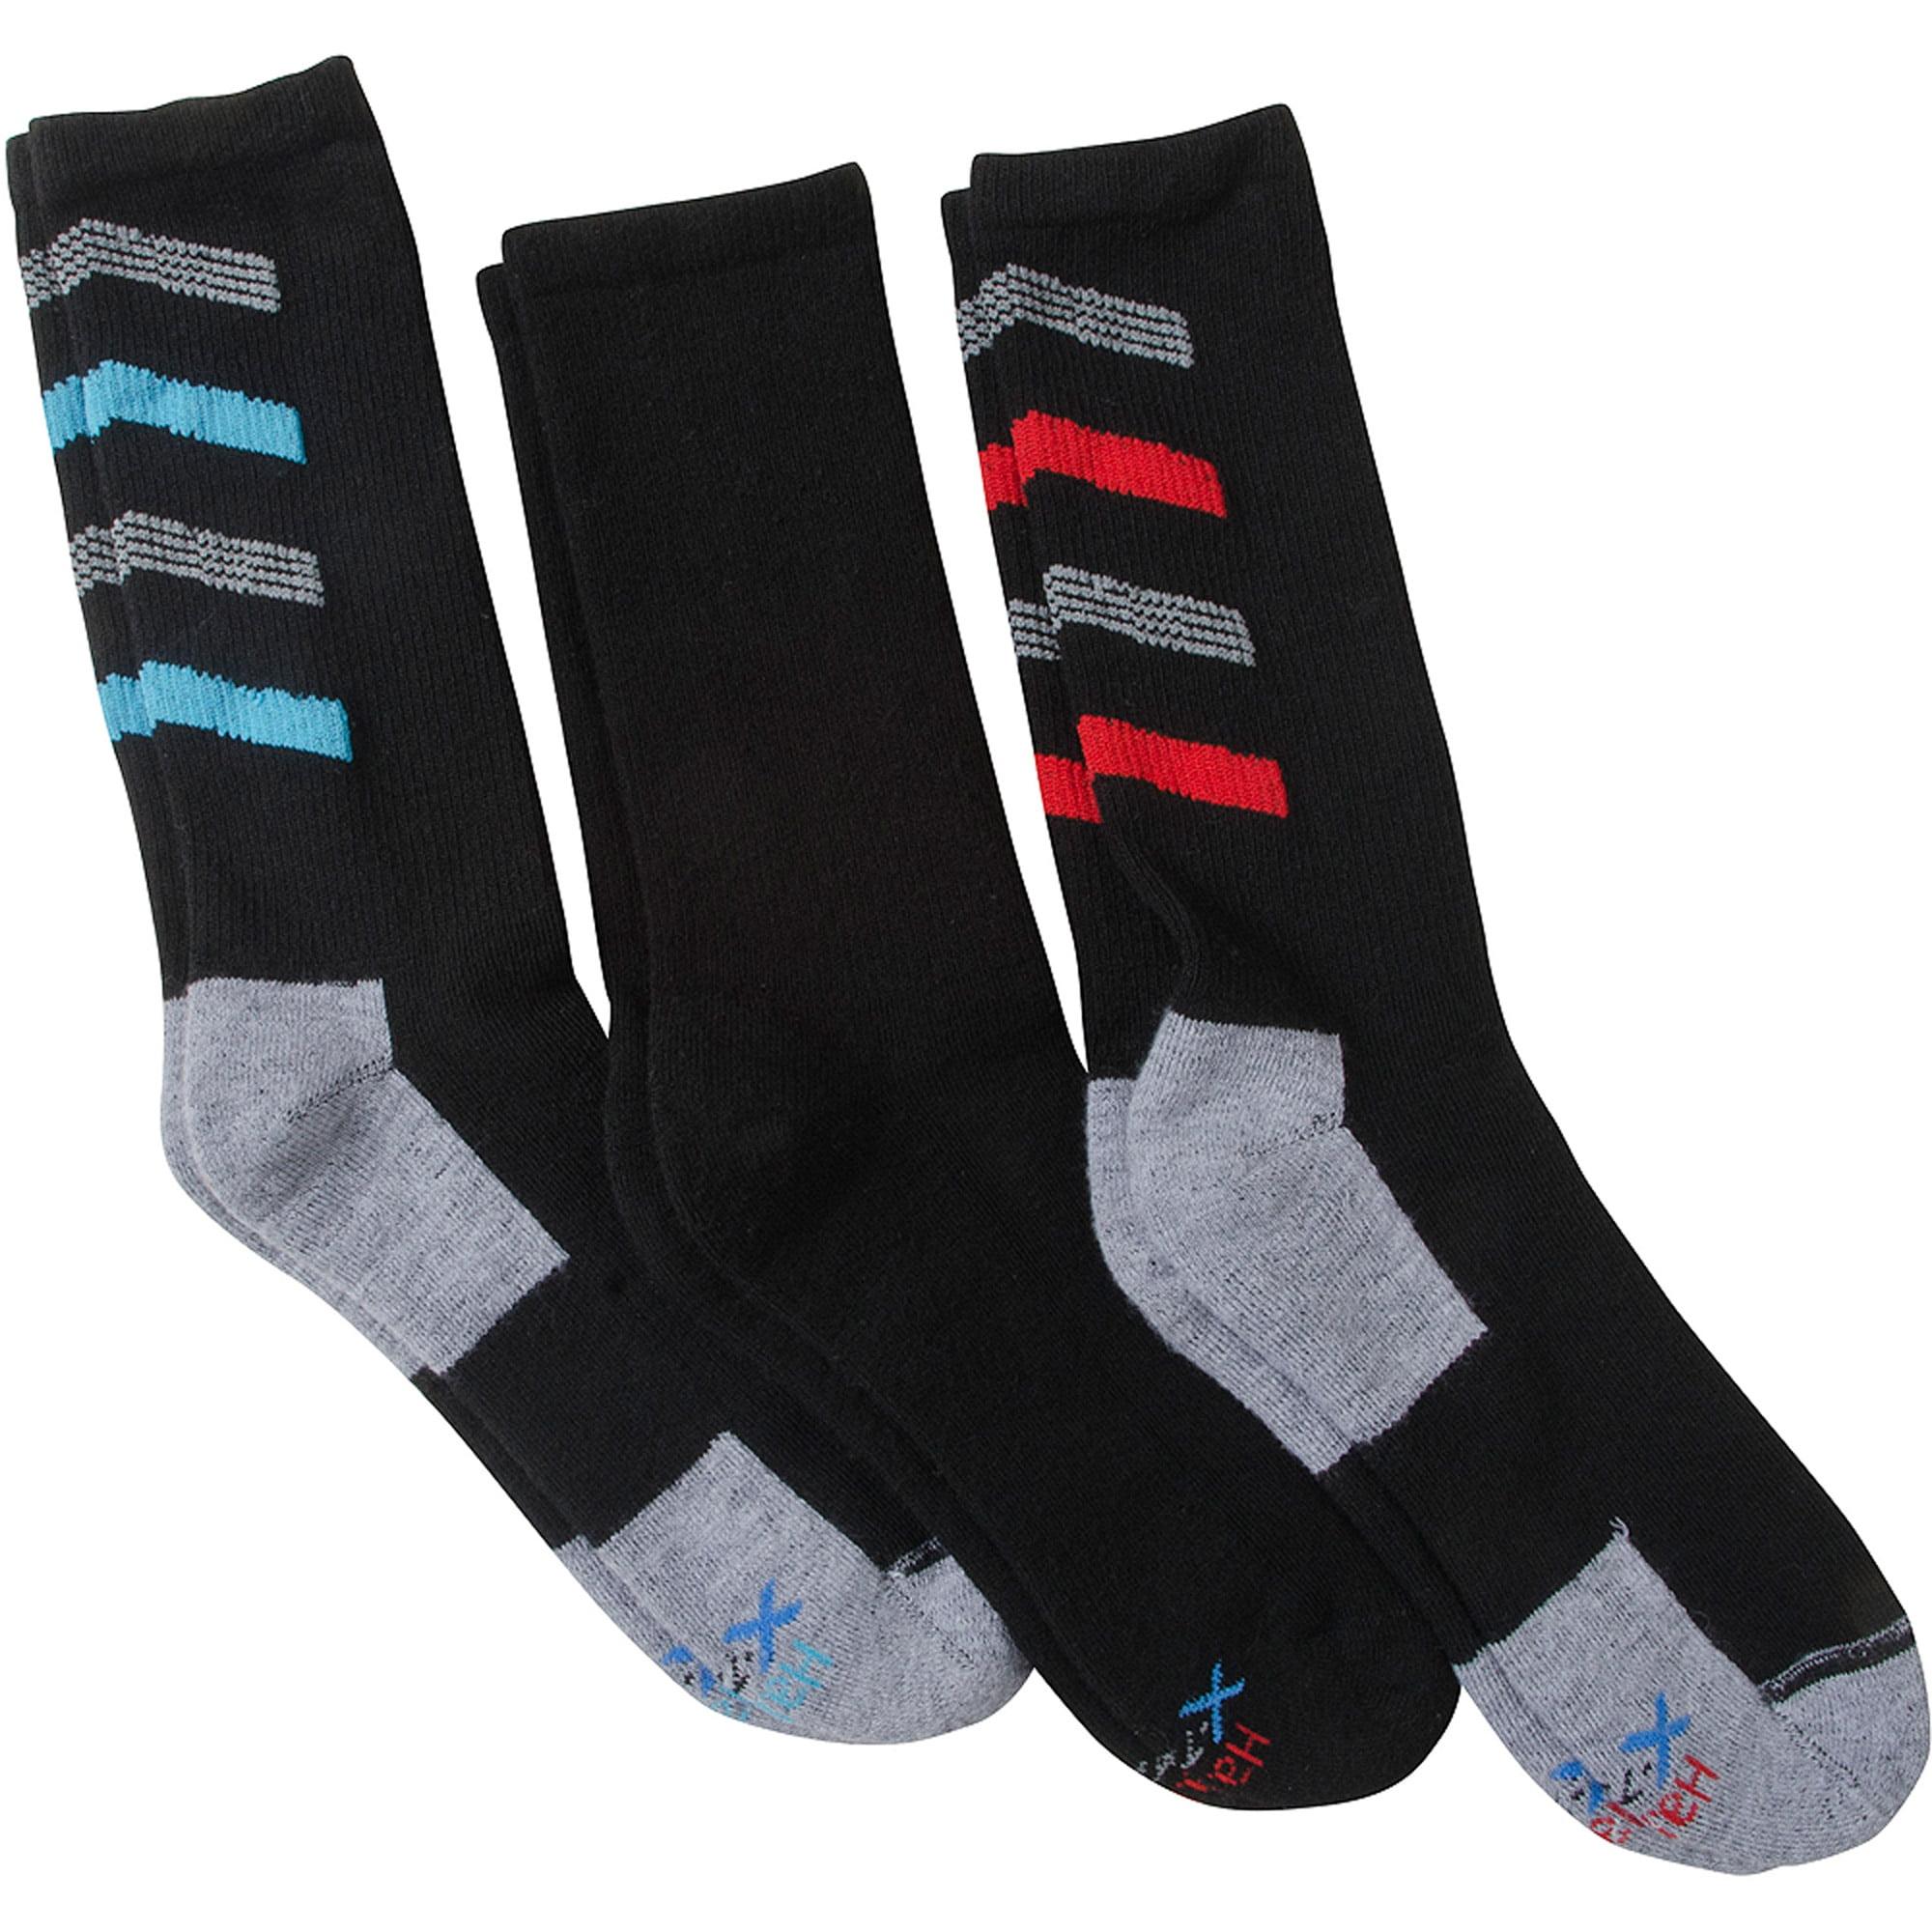 Hanes X-Temp Big & Tall Crew Socks, 3 Pack